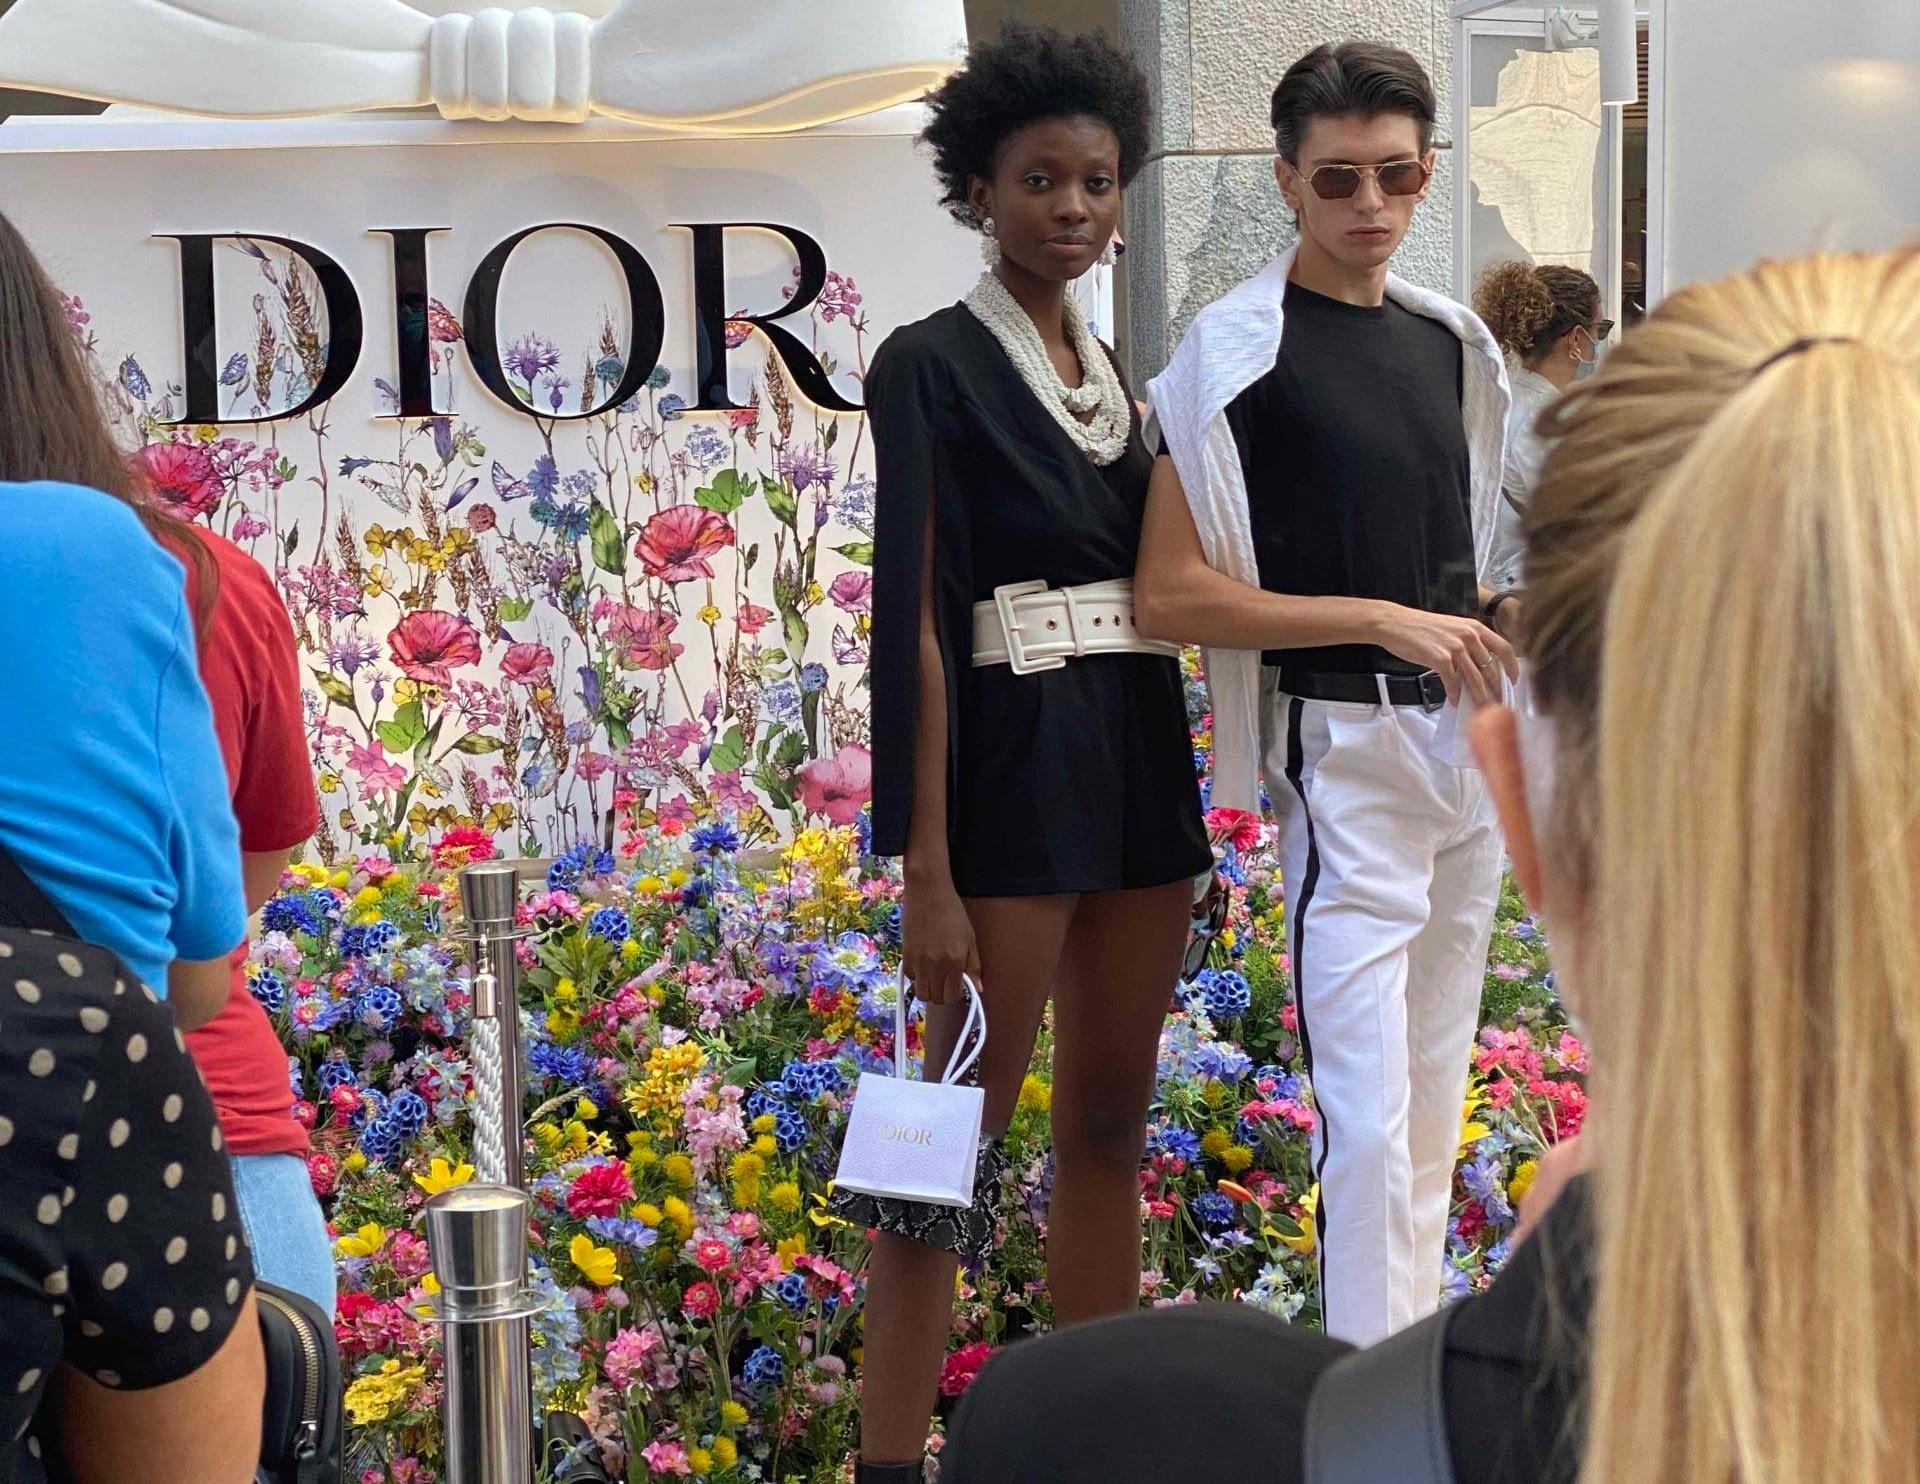 eventi gratis e senza invito milano fashion week